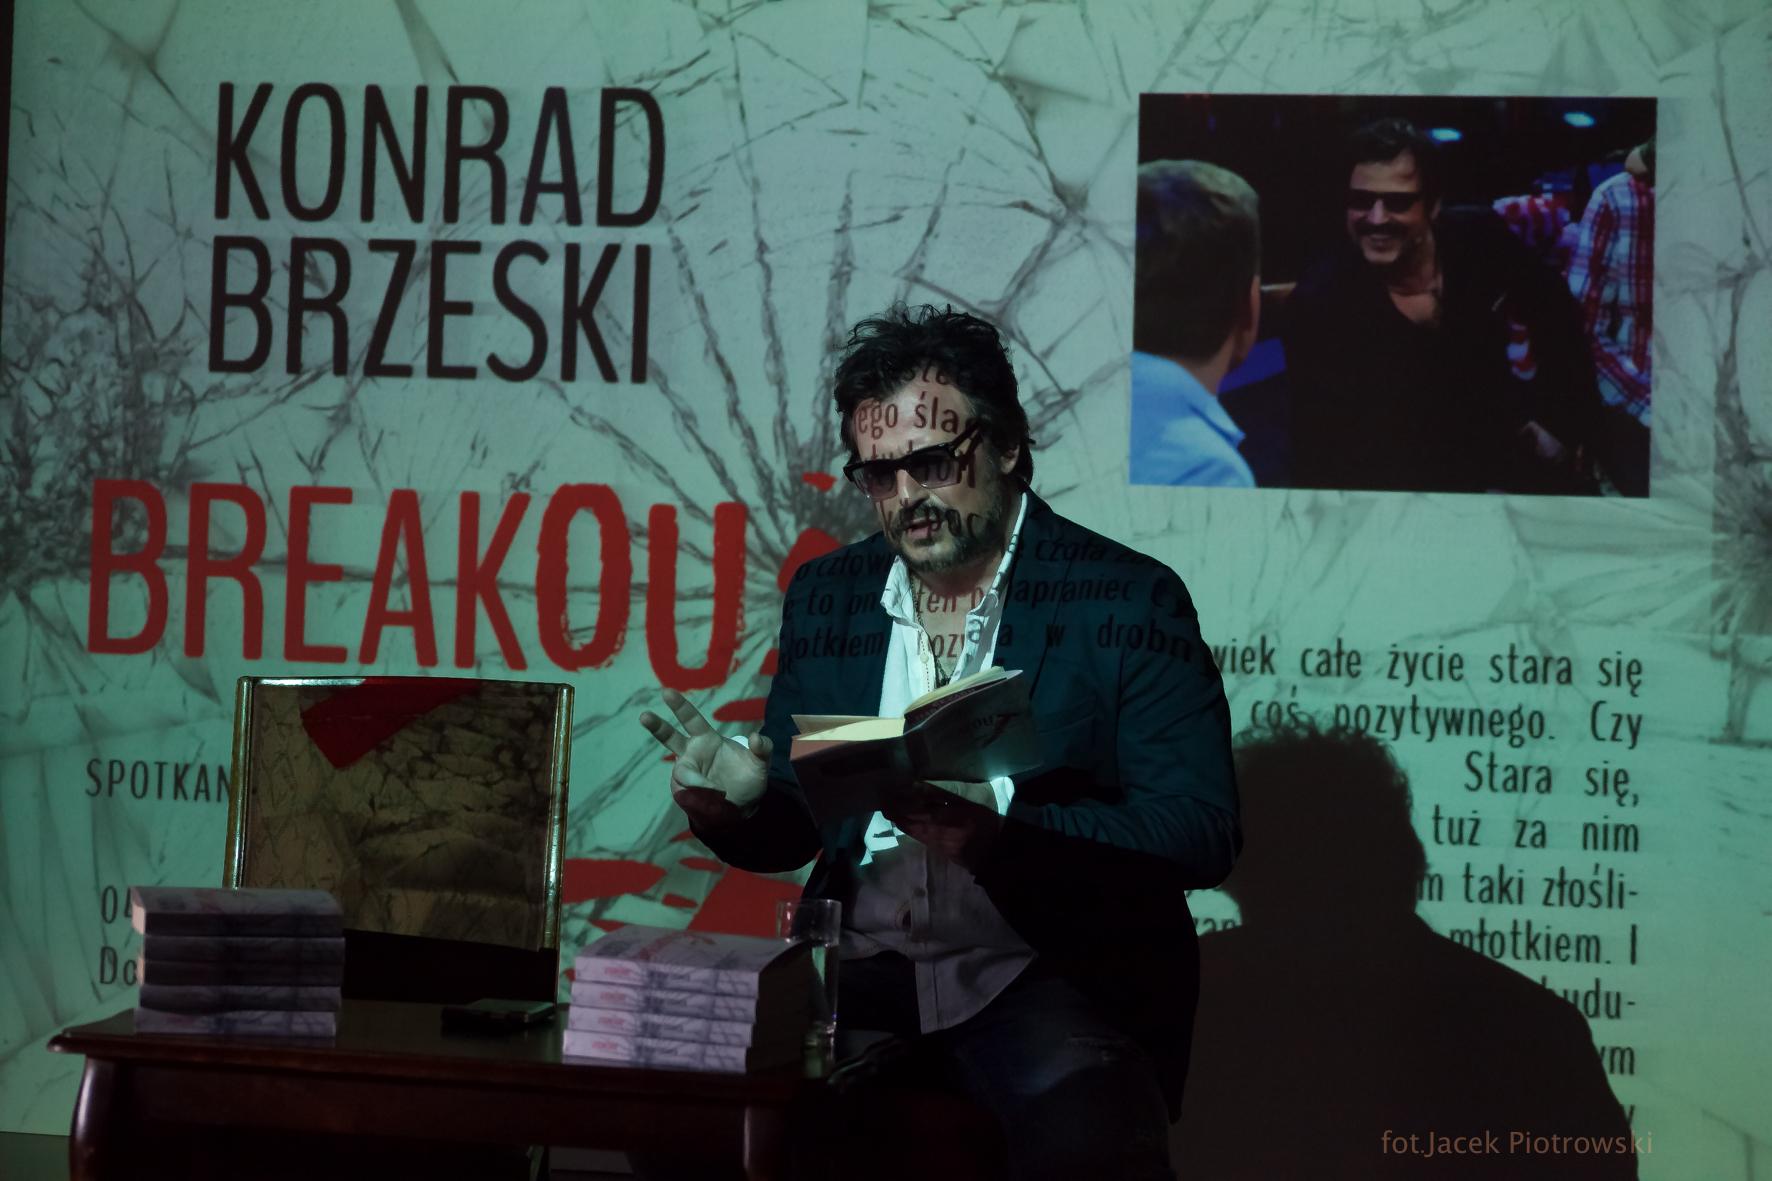 Breakout Bartosz Opania